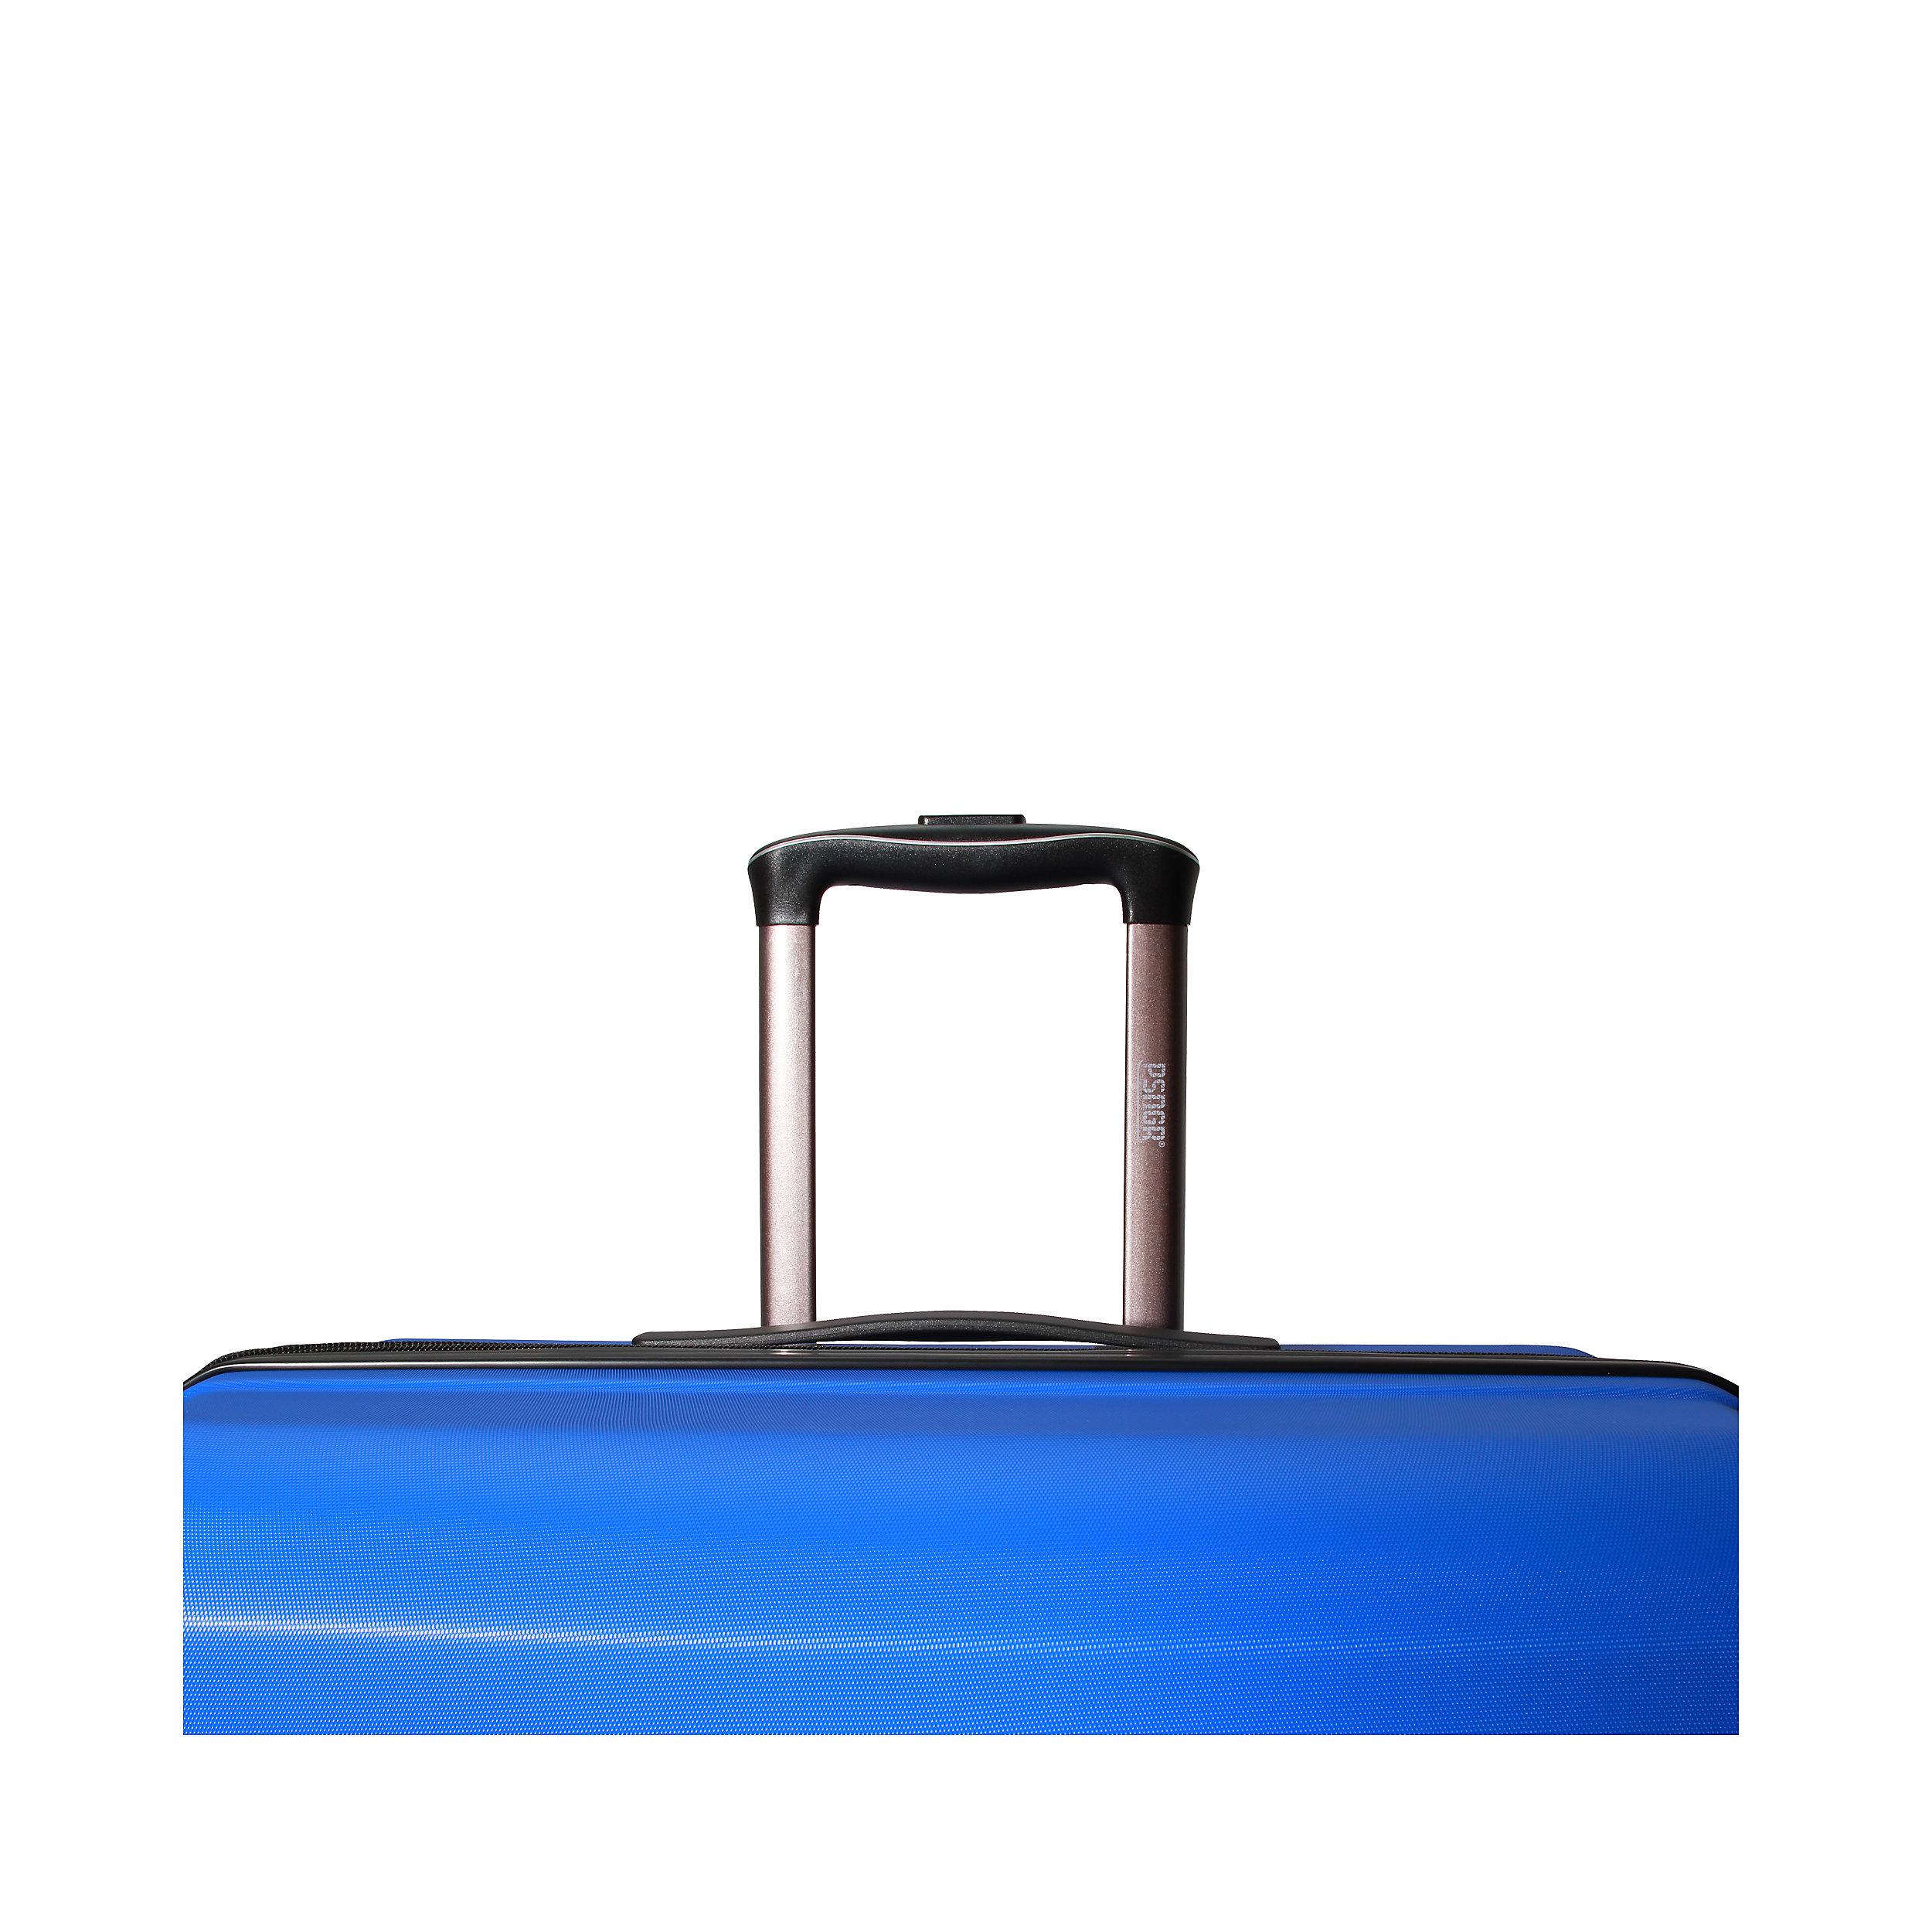 2-tlg. Trolleyset mit 4 Rollen mit 4 Rollen 66/76 cm EXP Chicago M/L 185 Liter